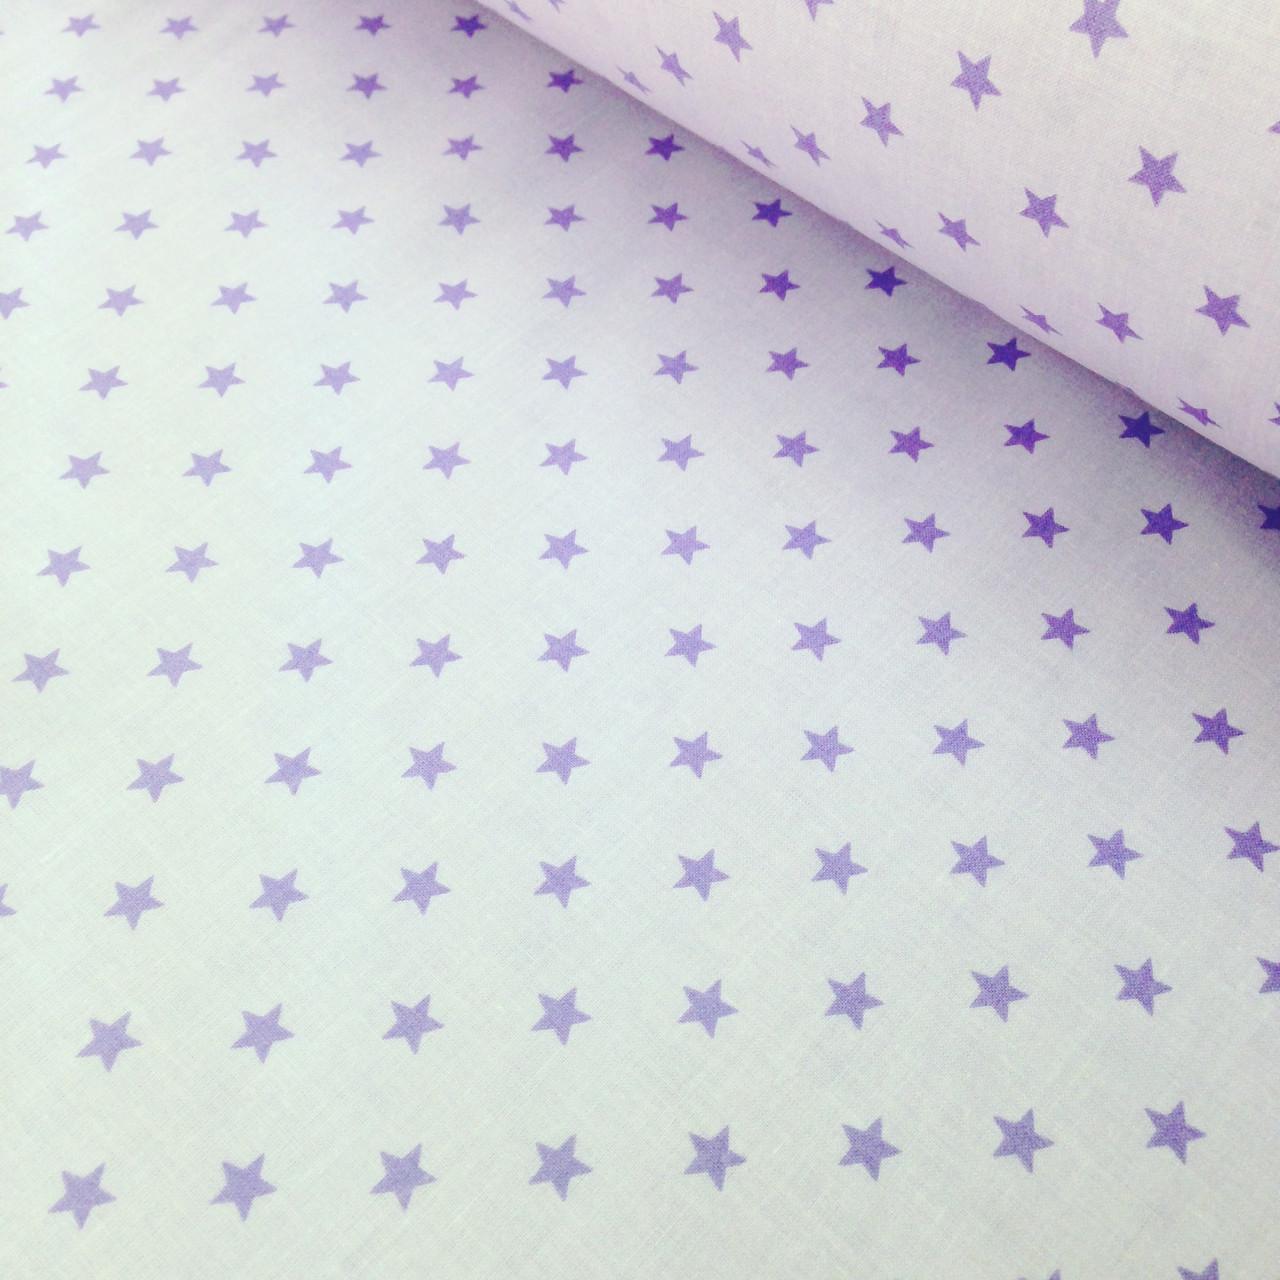 Хлопковая ткань польская фиолетовые звезды на светло-фиолетовом